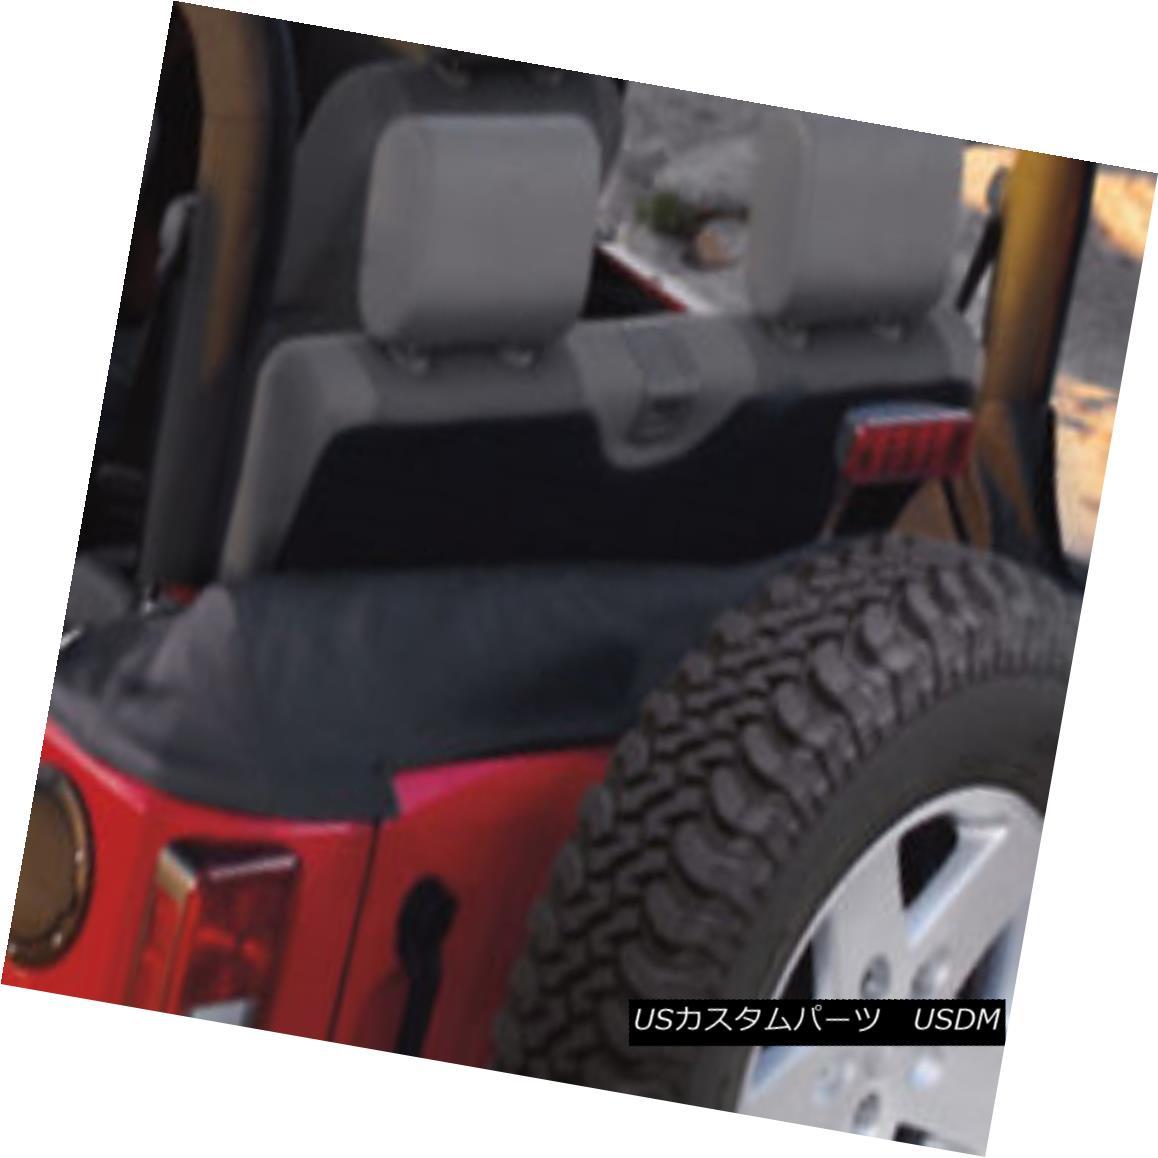 幌・ソフトトップ New OEM 07-10 JK Jeep Wrangler 2 Door Soft Top Boot w/ Storage Pouch 82209911 新しいOEM 07-10 JKジープラングラー2ドアソフトトップブーツ/ストレージポーチ82209911